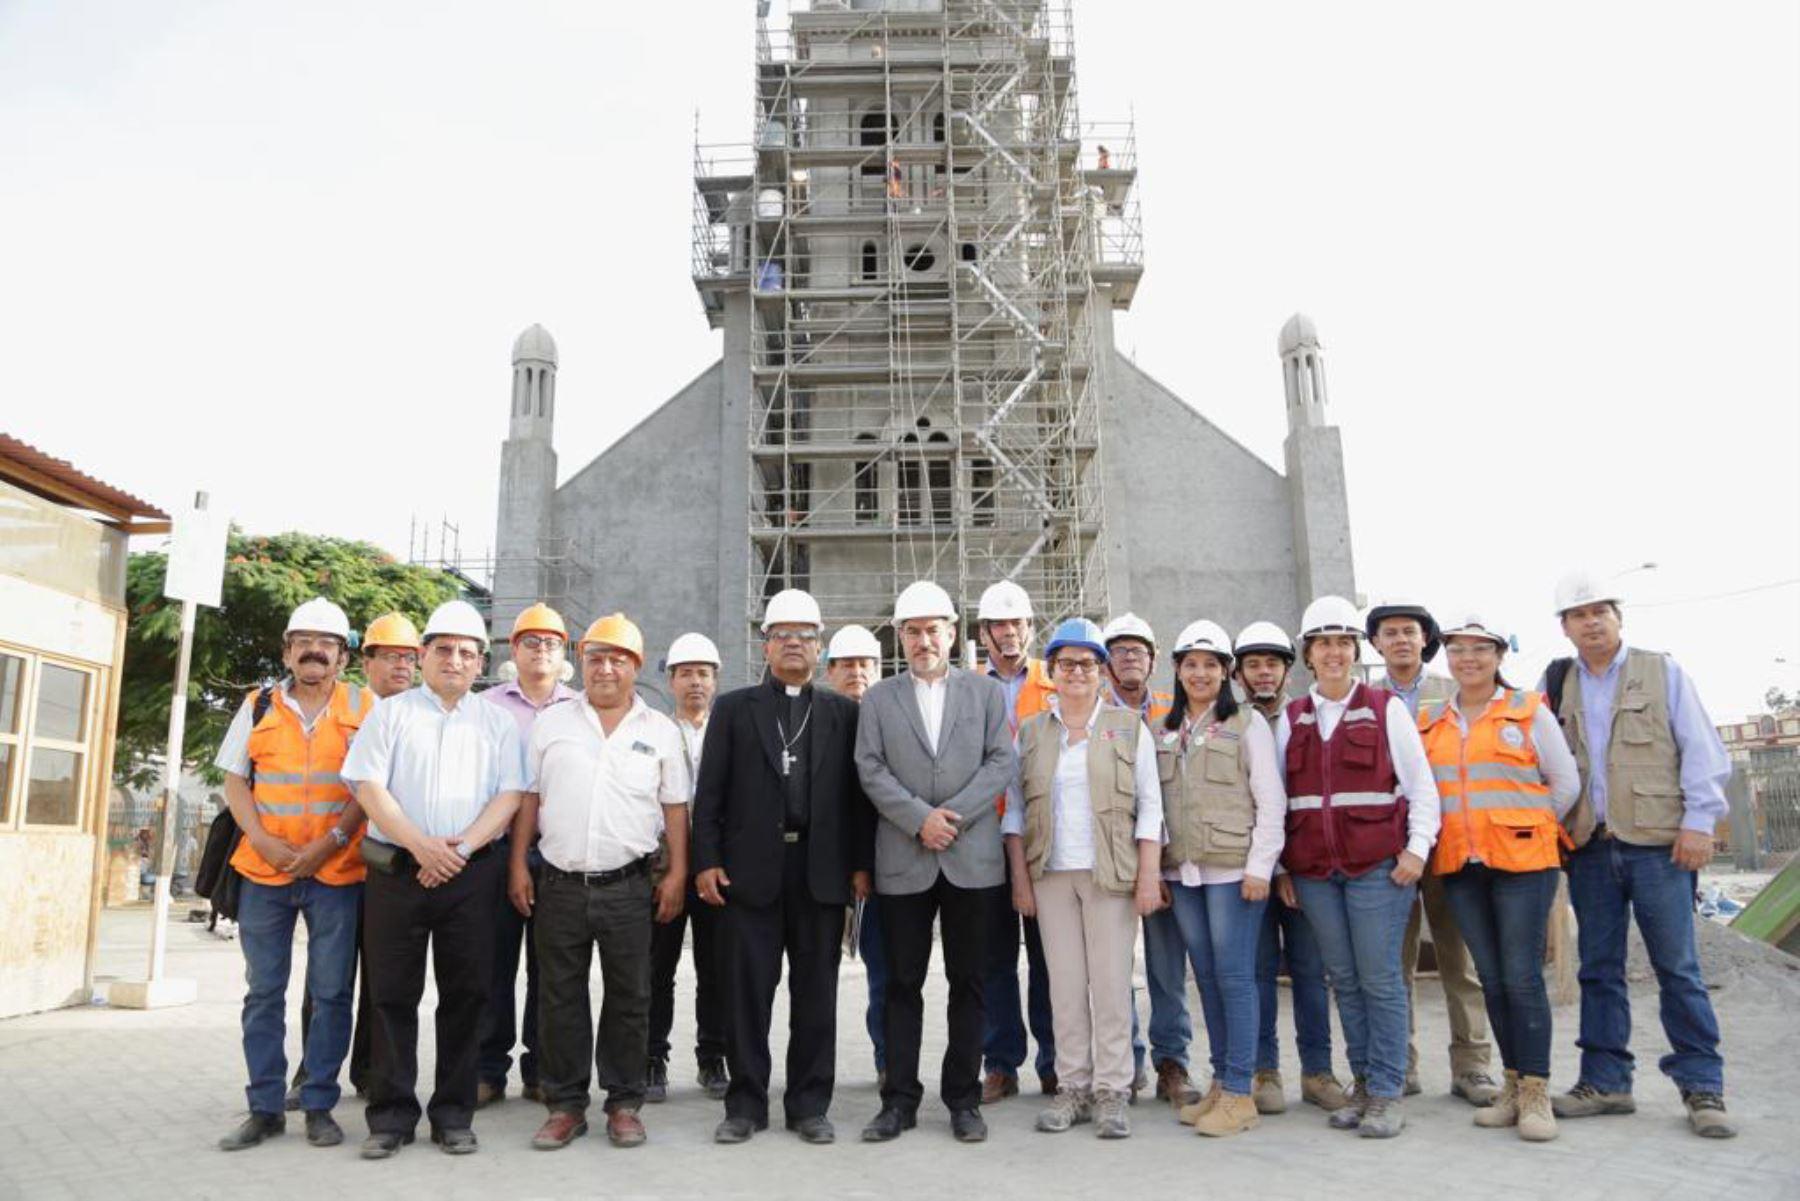 El ministro de Cultura, Rogers Valencia, supervisó la reconstrucción del Templo del Señor de Luren, cuya infraestructura resultó seriamente dañada por el terremoto de agosto de 2007, en la región Ica.Foto: ANDINA/ MinCulturape